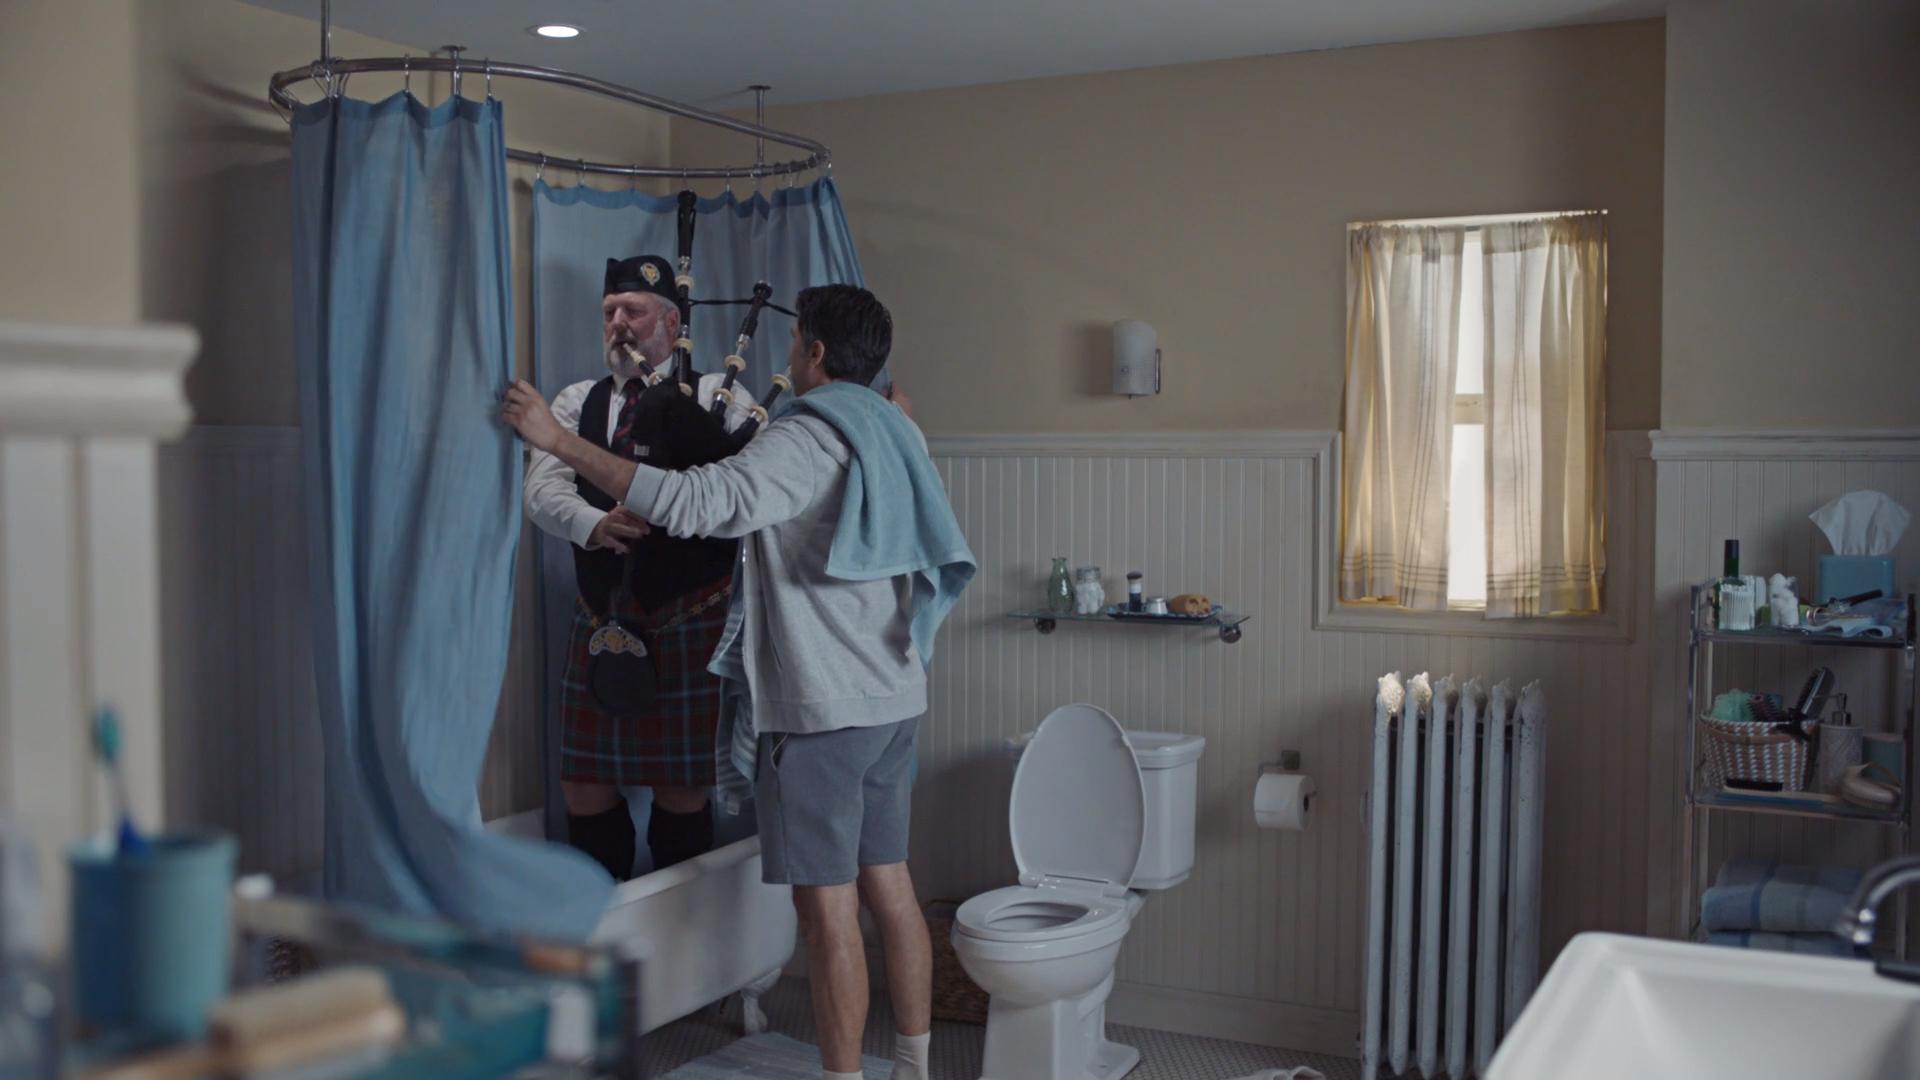 wall indoor bathroom person sink mirror vase plumbing fixture